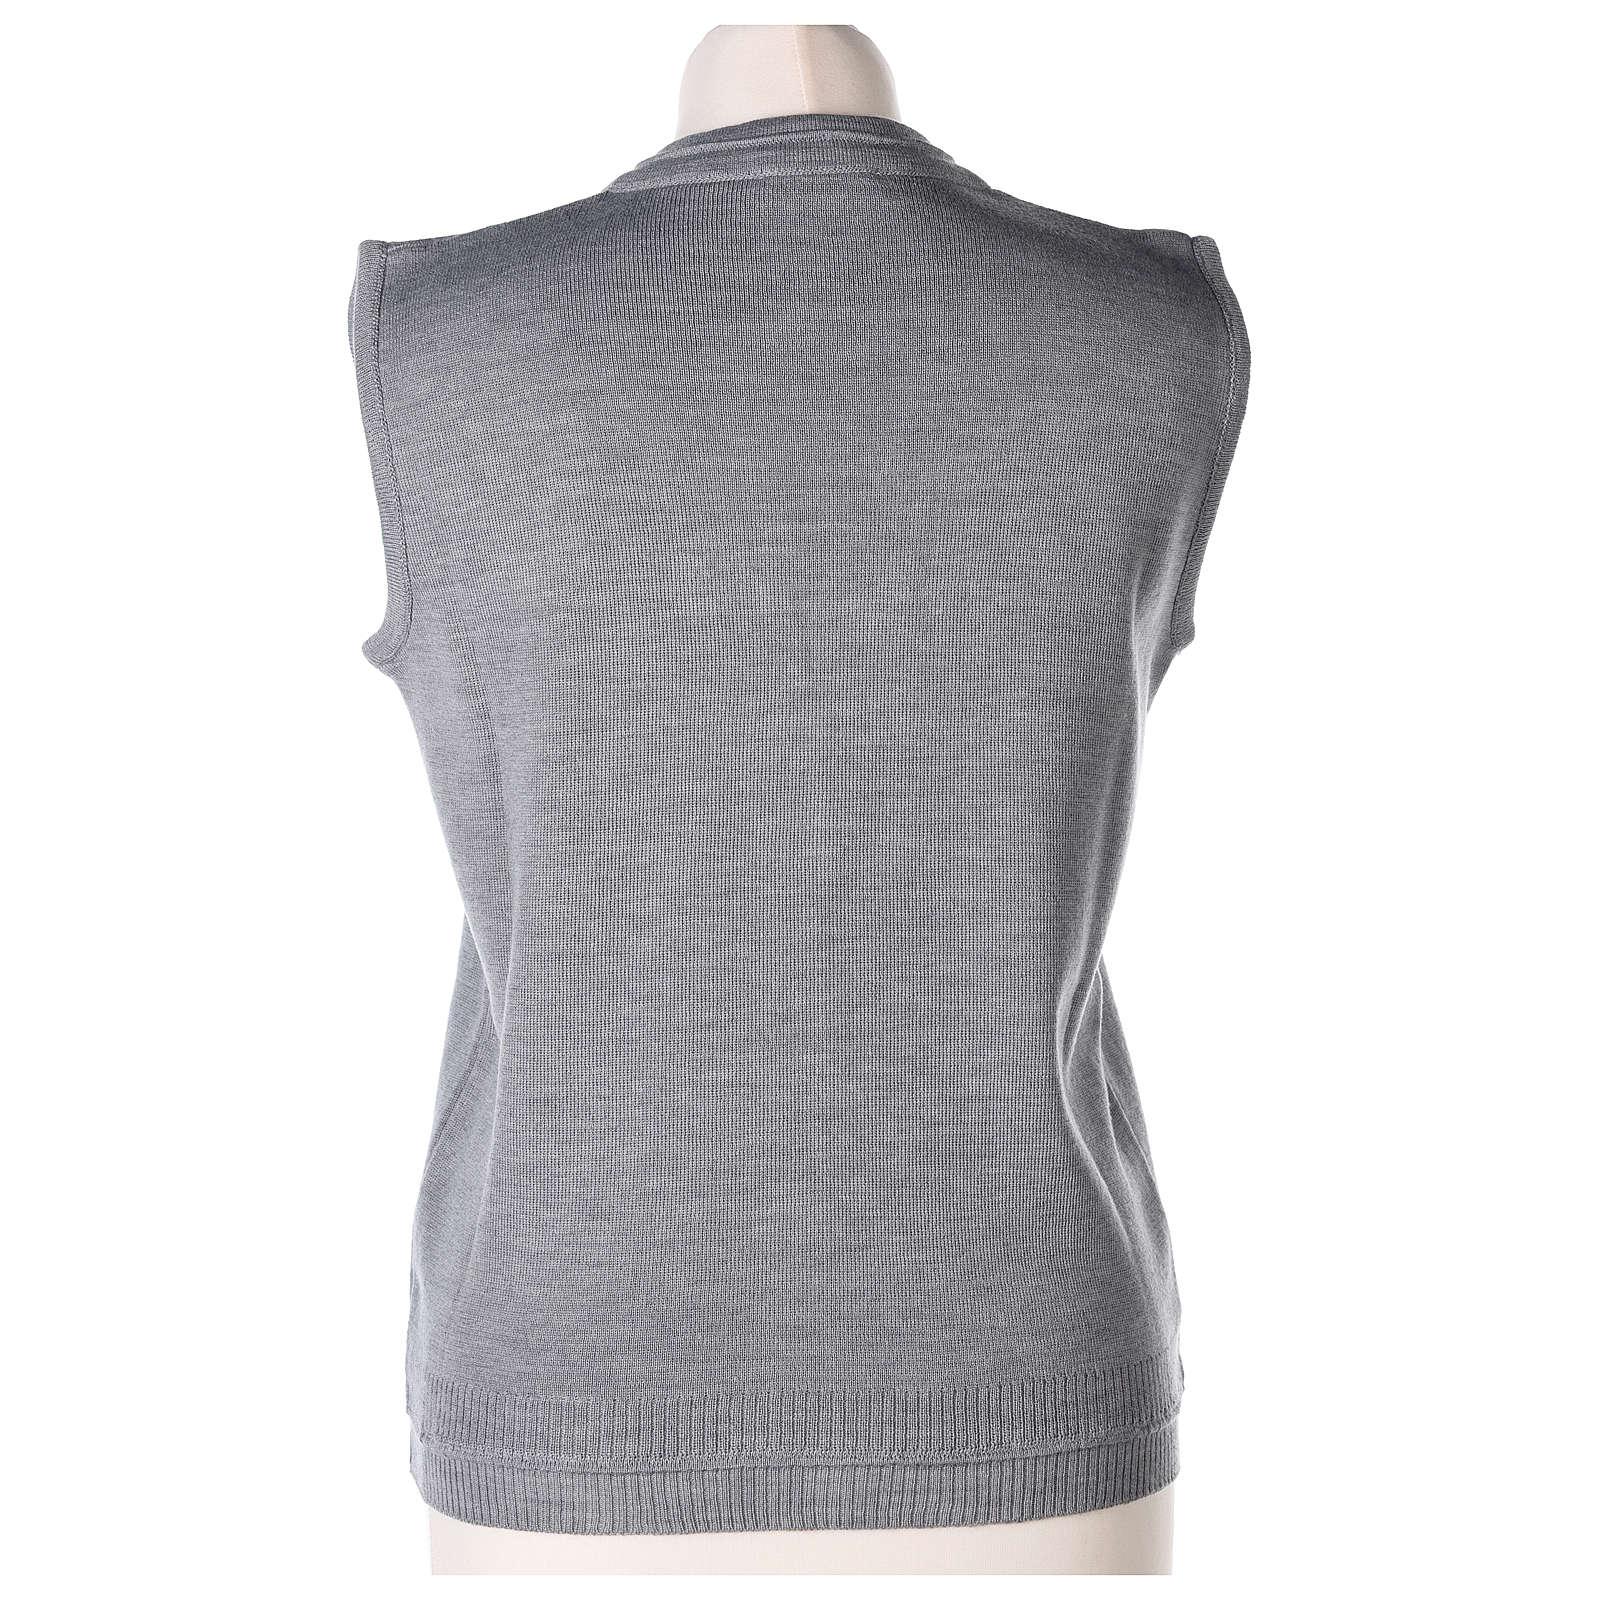 Gilet suora grigio perla corto collo a V 50% acrilico 50% lana merino In Primis 4